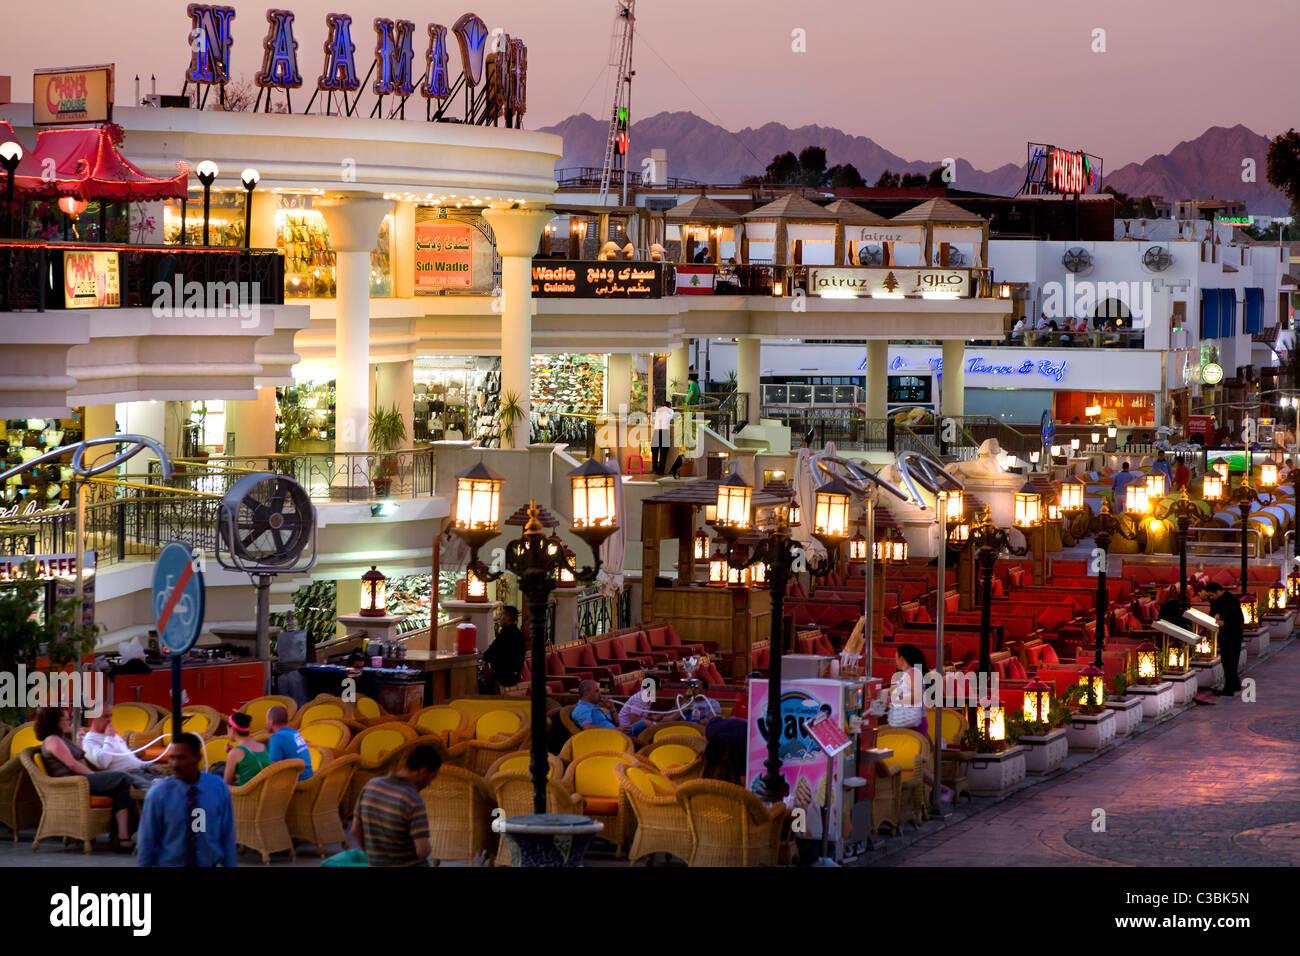 De l'entrée extérieure du centre commercial du centre de Naama à Naama bay, sharme el Sheik. Photo Stock